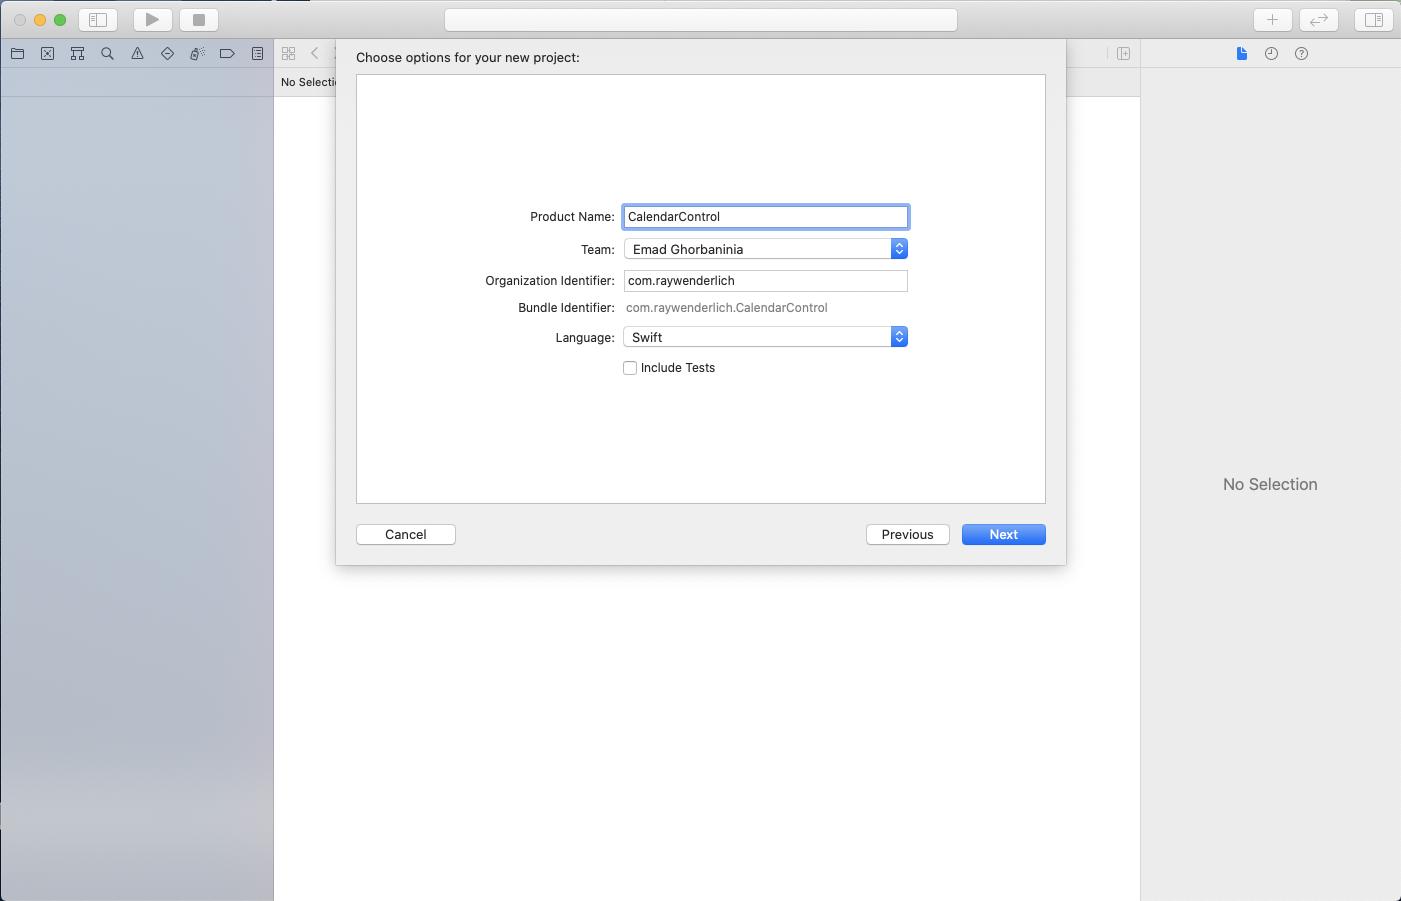 Framework configuration dialog